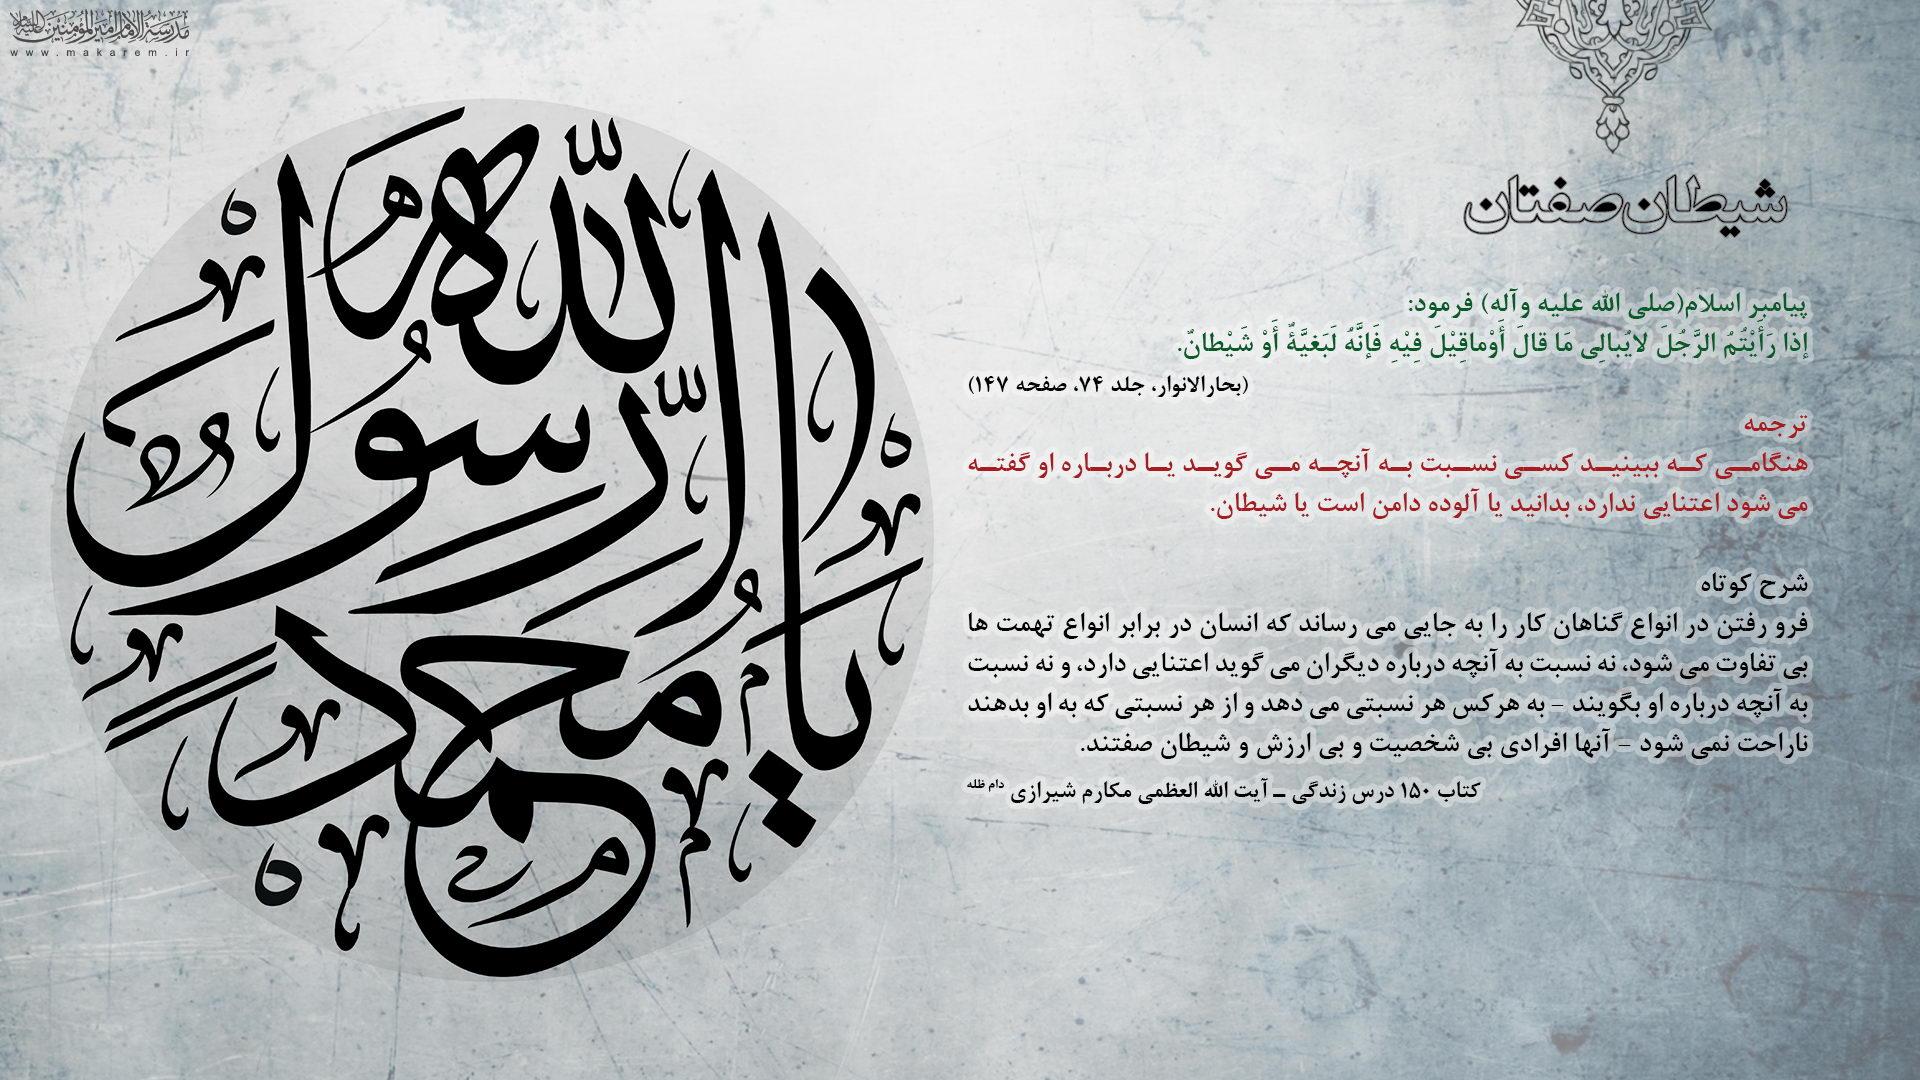 شیطان صفتان-مدرسه الامام امیر المومنین (ع)